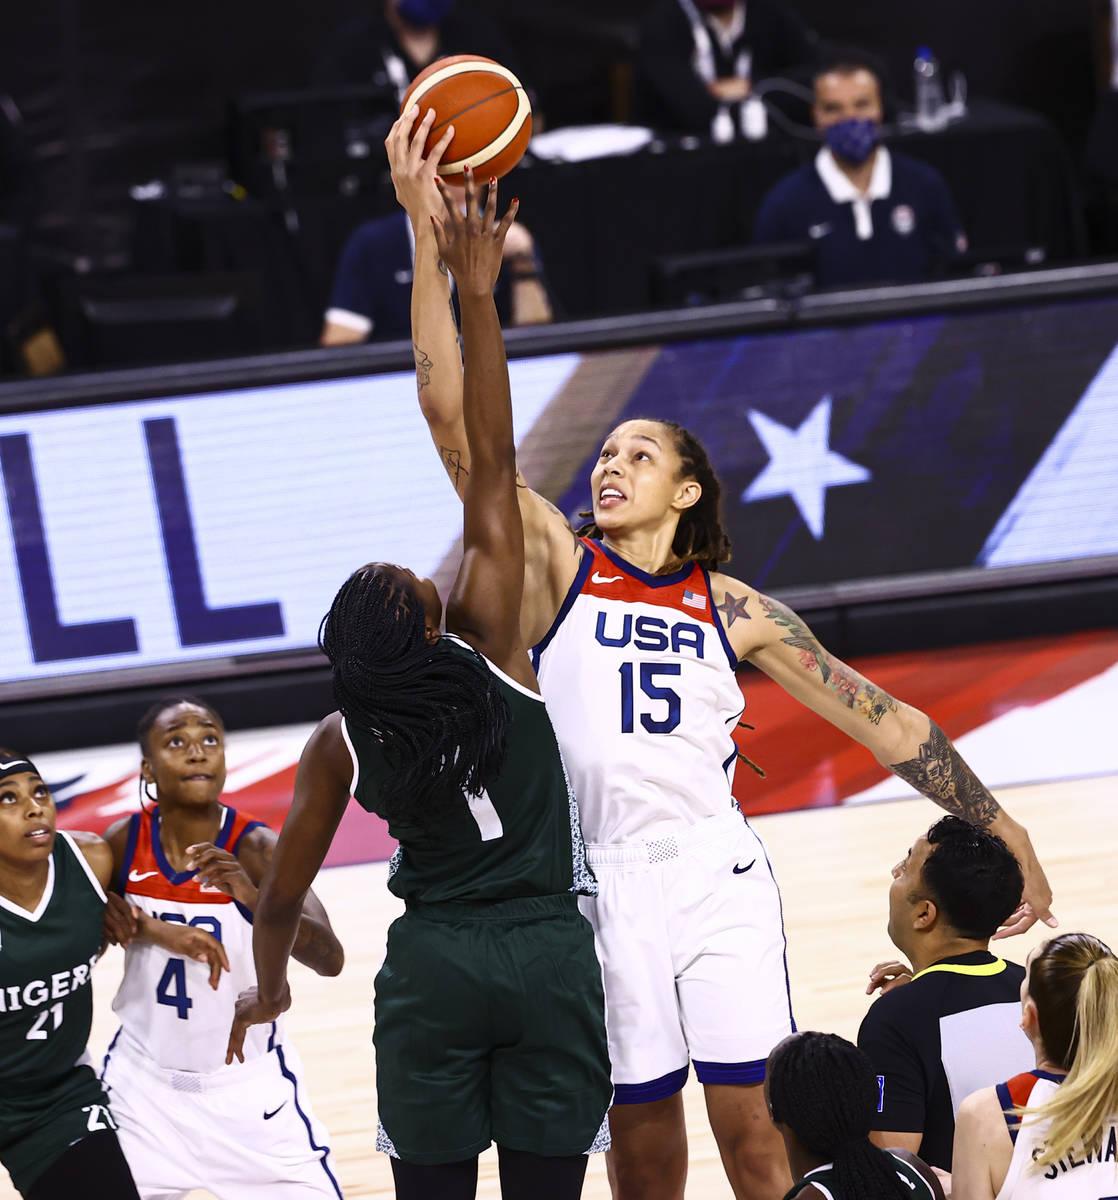 Nigeria forward/center Elizabeth Williams (1) and United States center Brittney Griner (15) vie ...